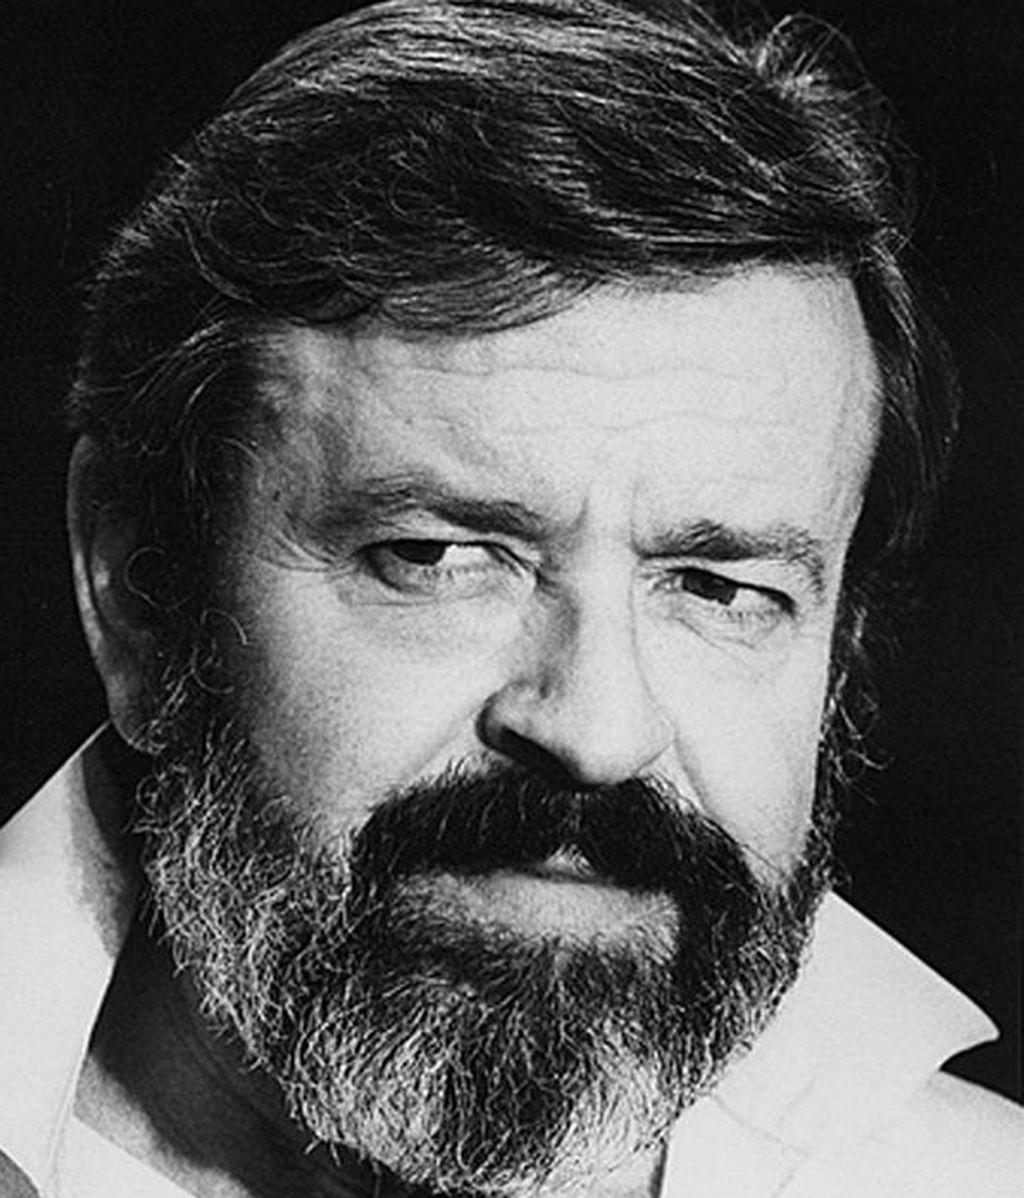 Fallece a los 85 años el actor Juan José Otegui